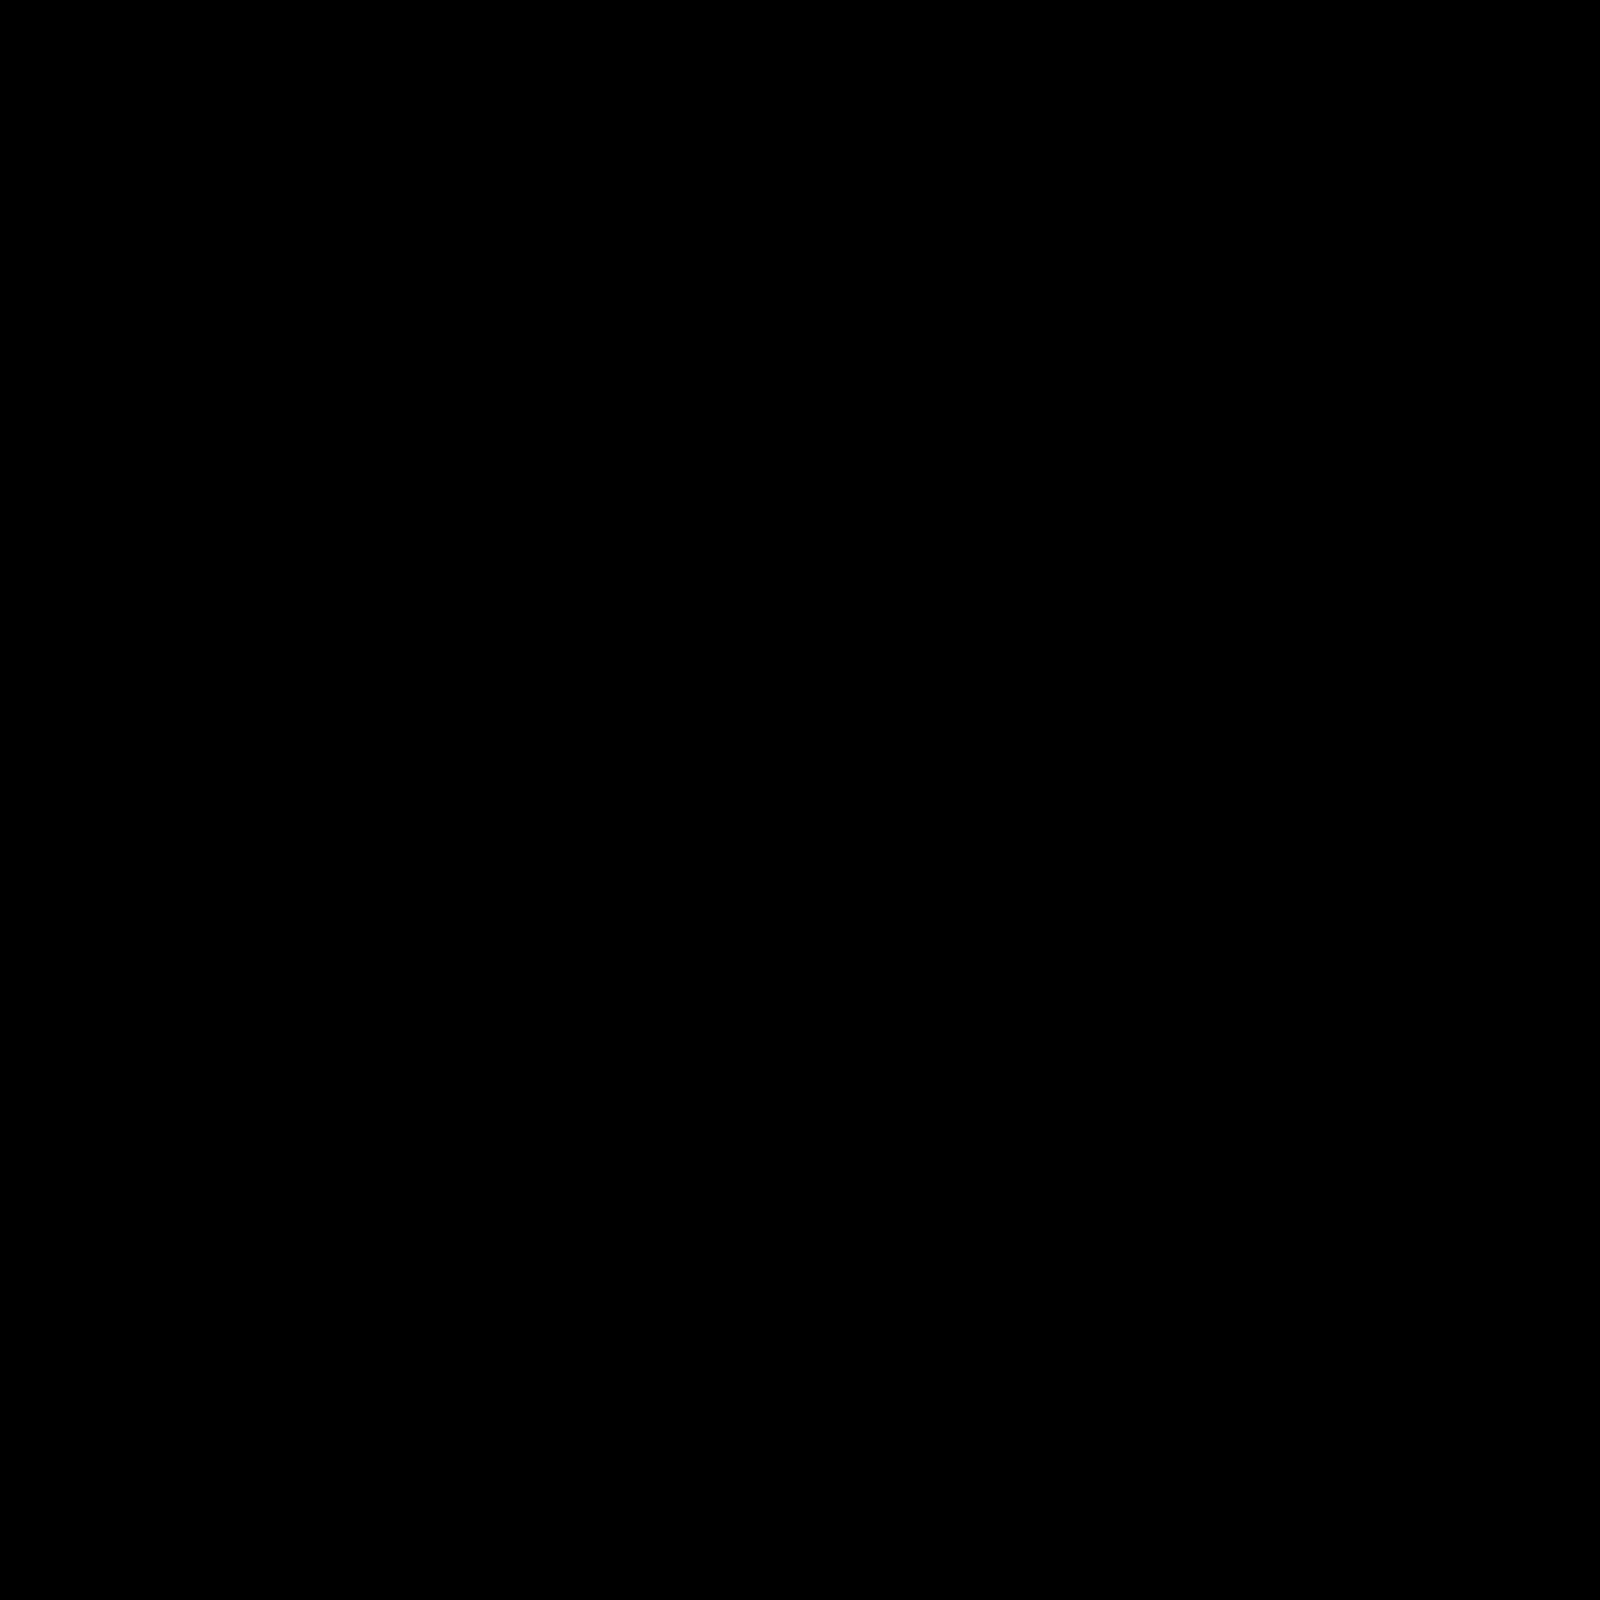 新产品 icon. It's a logo of an upright packaging box with closed box flaps. There is a cutout on its side which allows one to grip the box without lifting from its bottom.